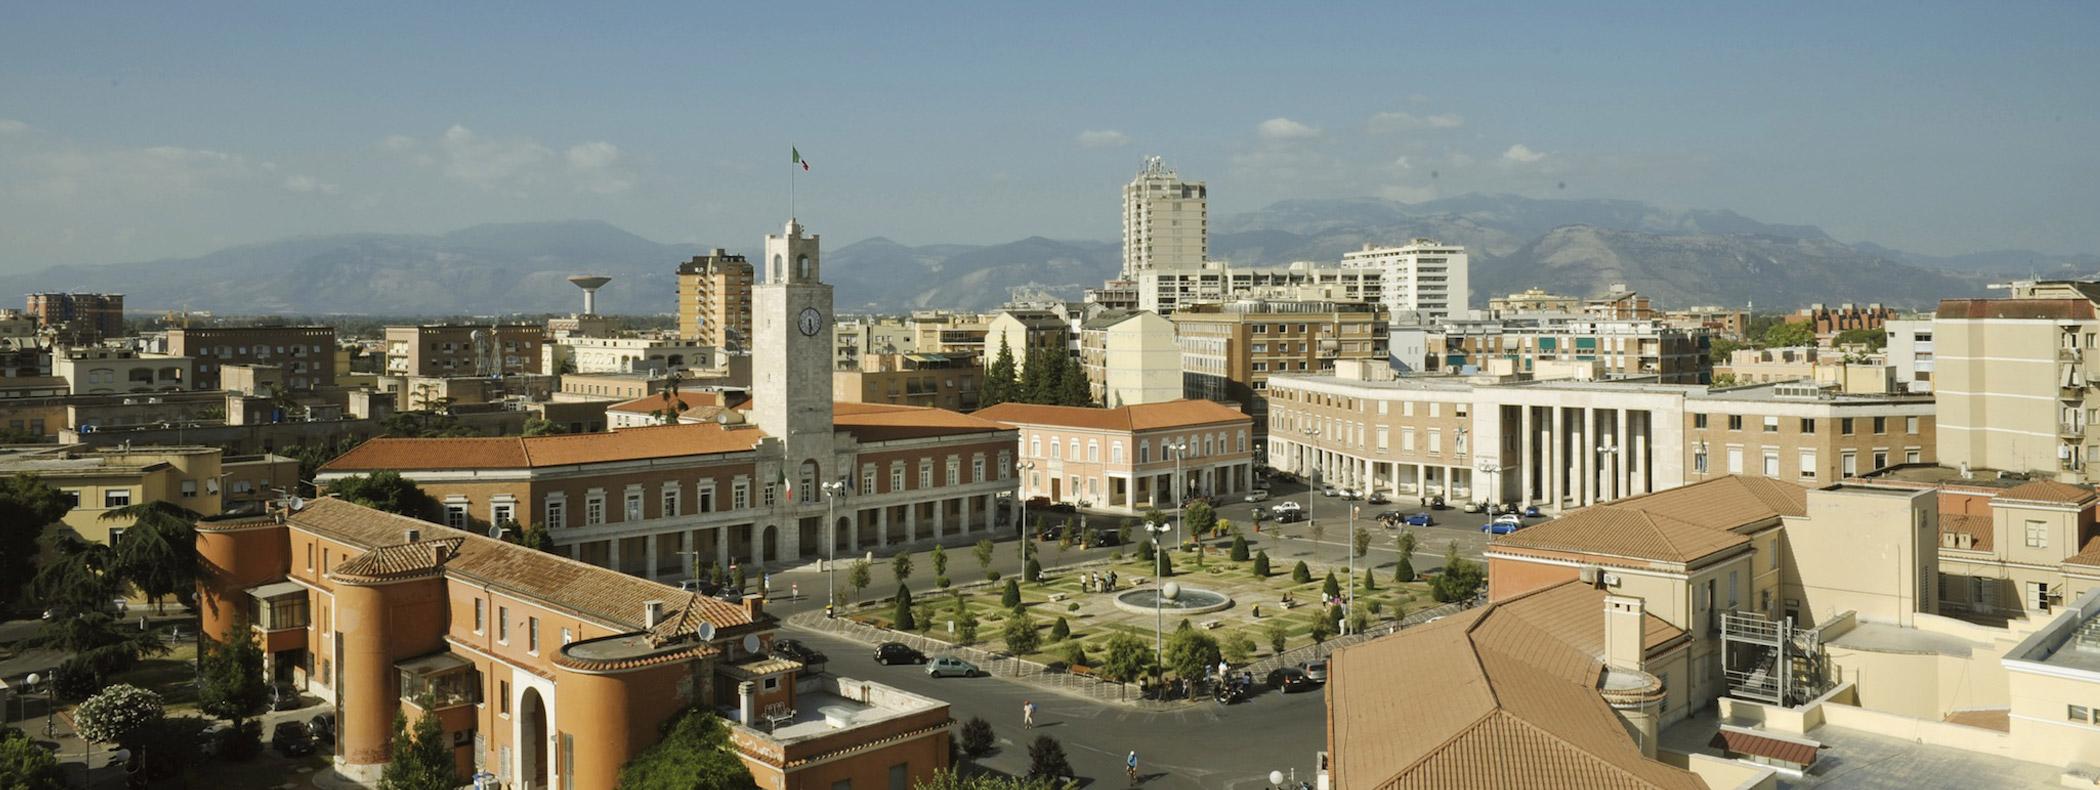 Convocazione Assemblea Provinciale Ordinaria Elettiva A S C  LATINA